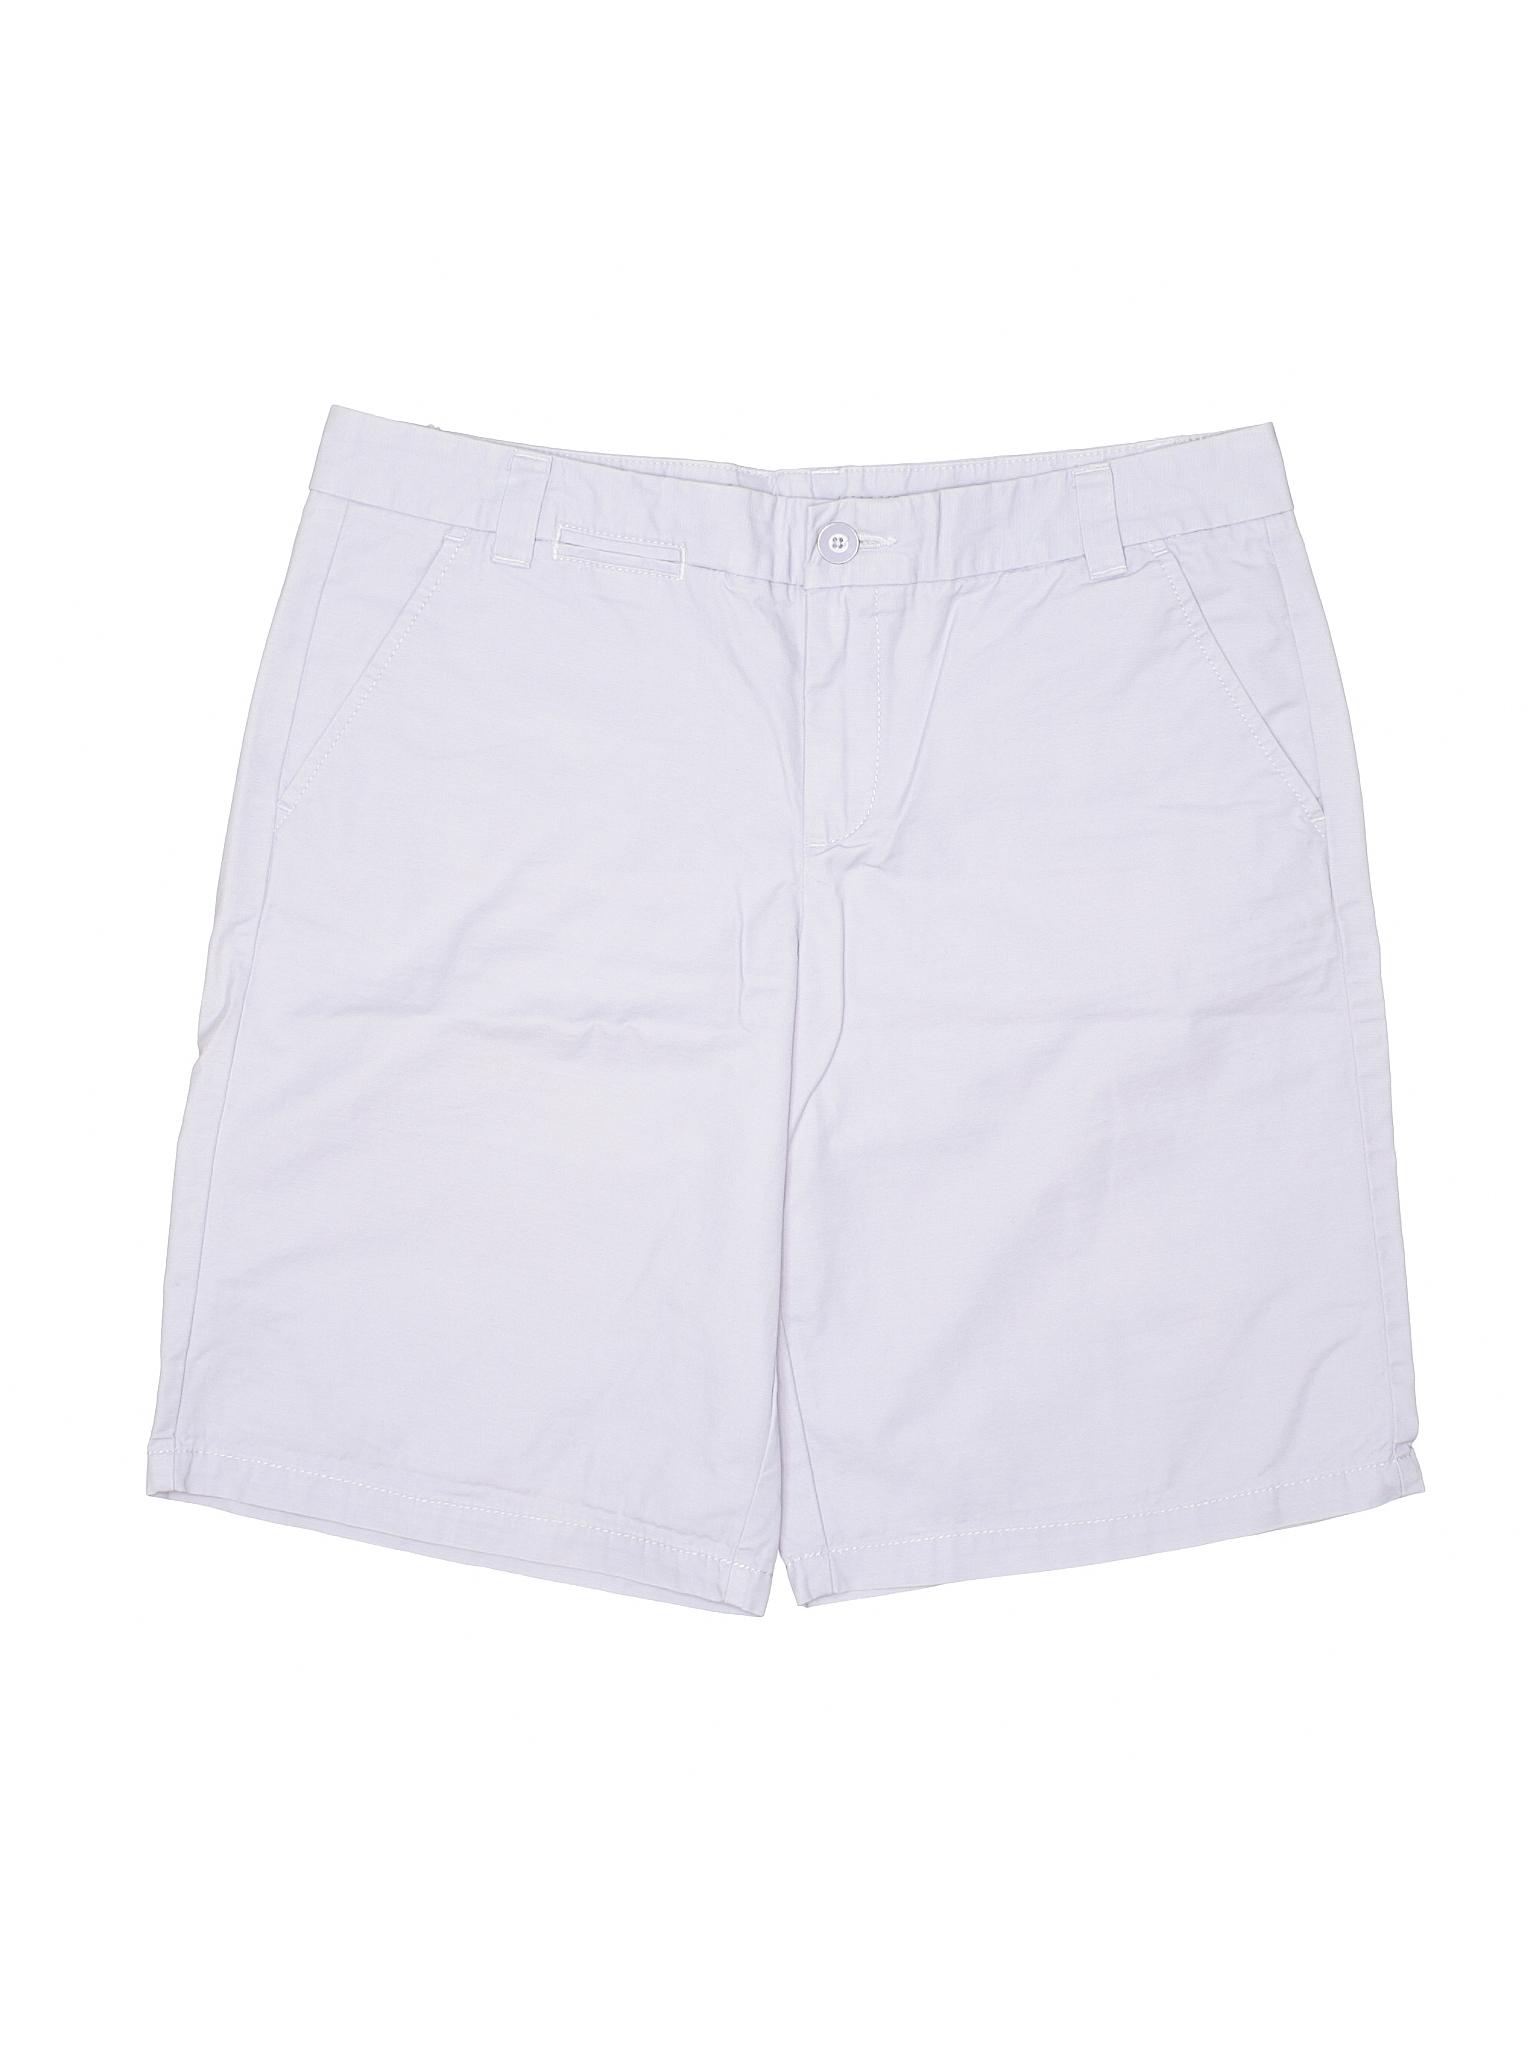 Gap Shorts Boutique Khaki Gap Boutique wEUg0